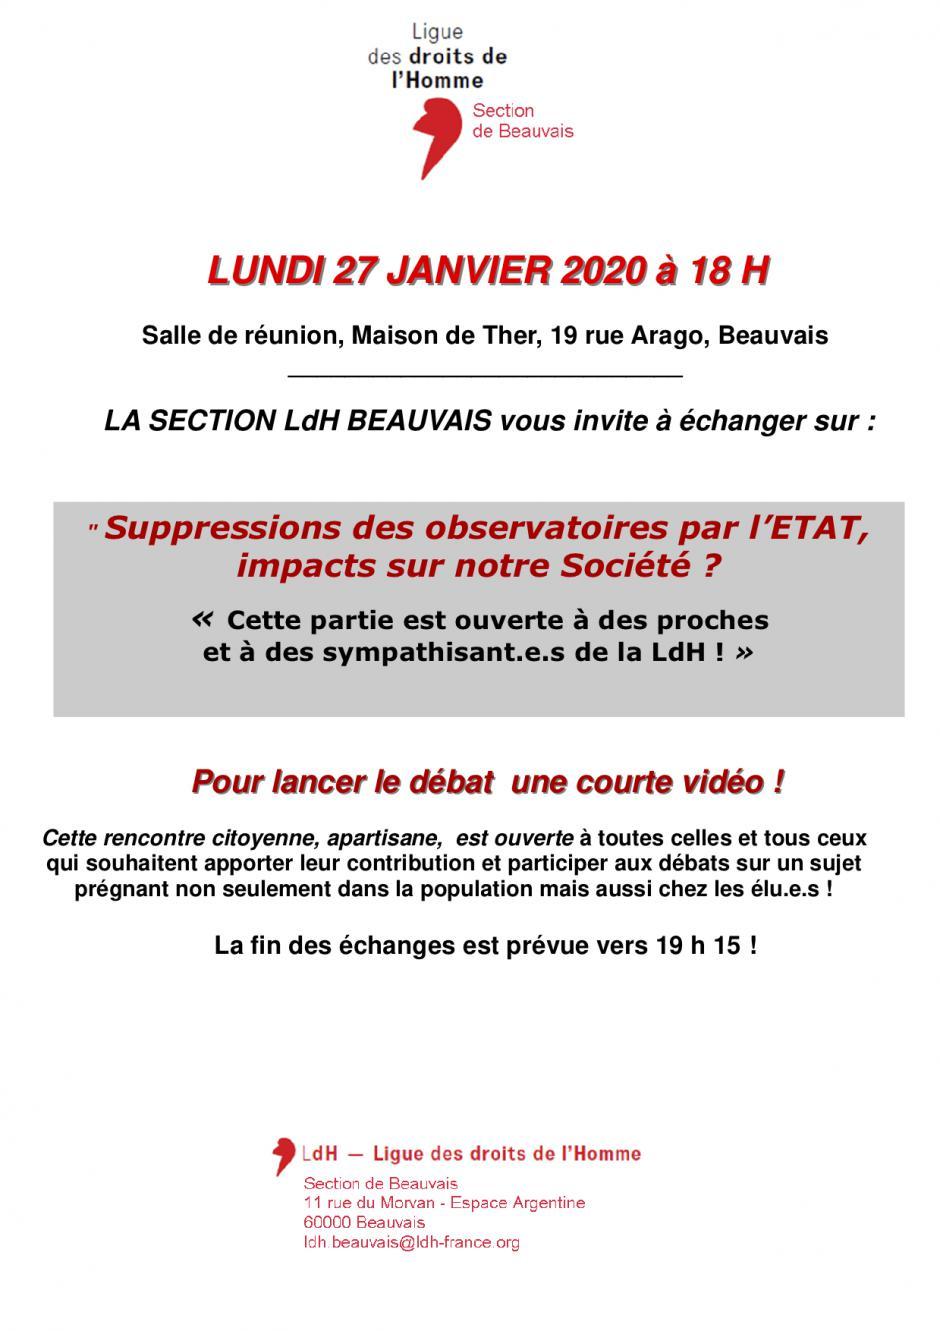 27 janvier, Beauvais - LDH Beauvais-Rencontre « Suppressions des observatoires par l'État, impacts sur notre Société ? »